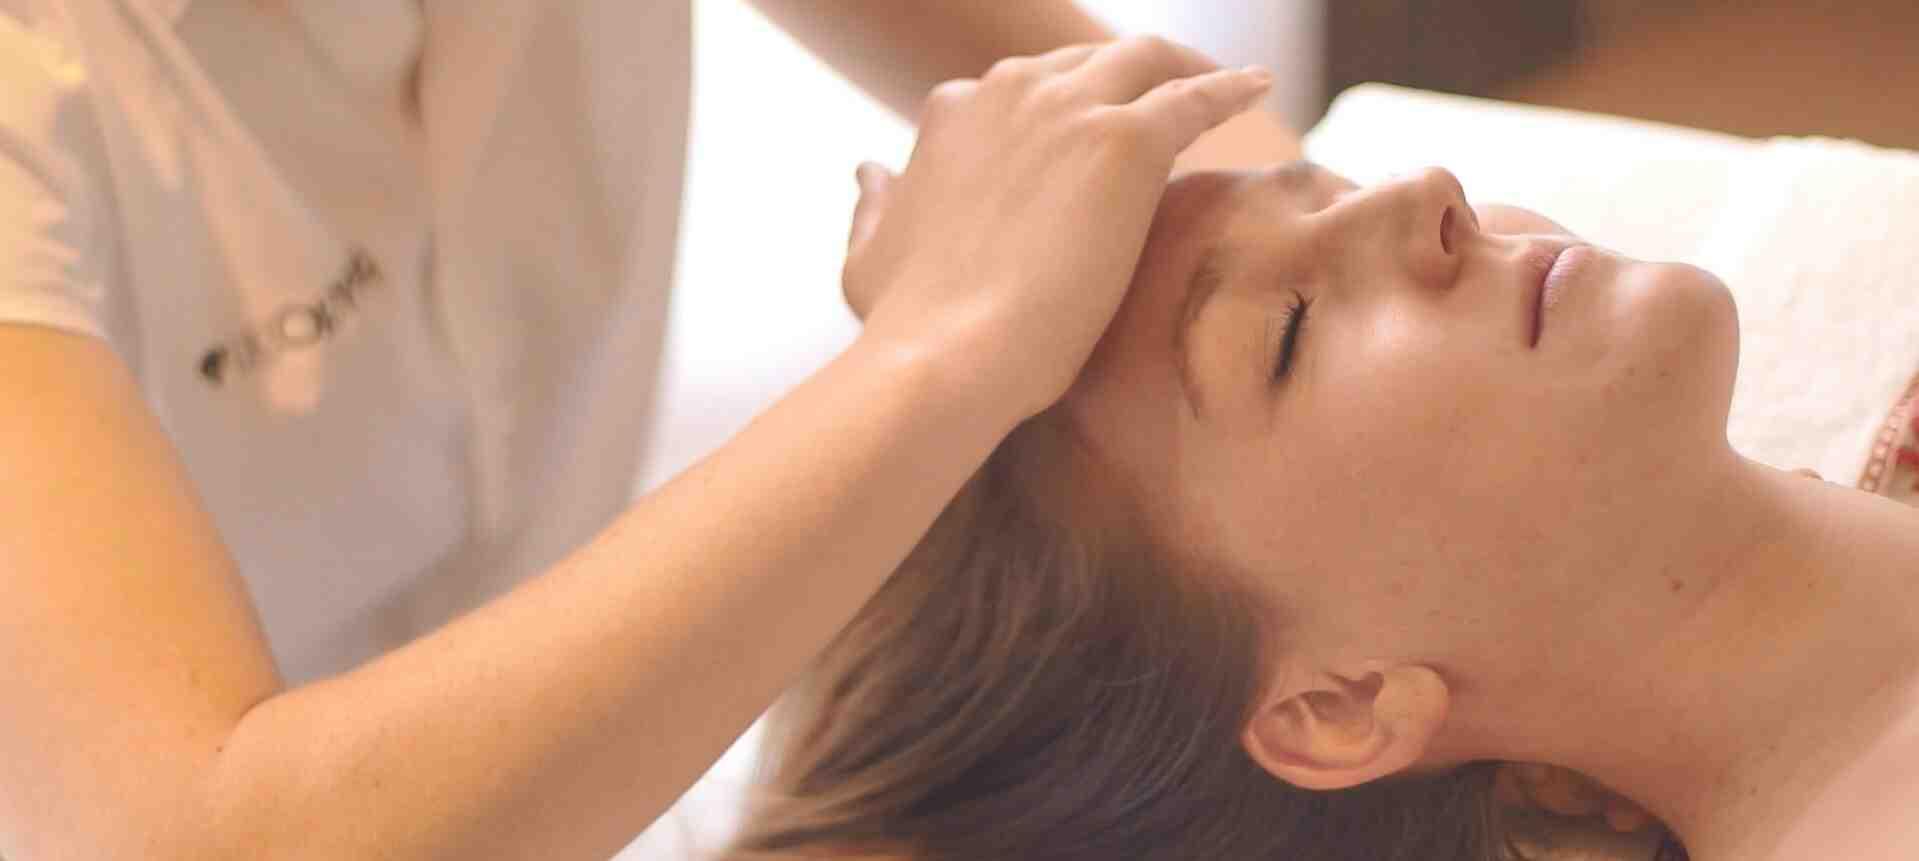 Qu'est-ce que l'acupuncture peut soulager ?